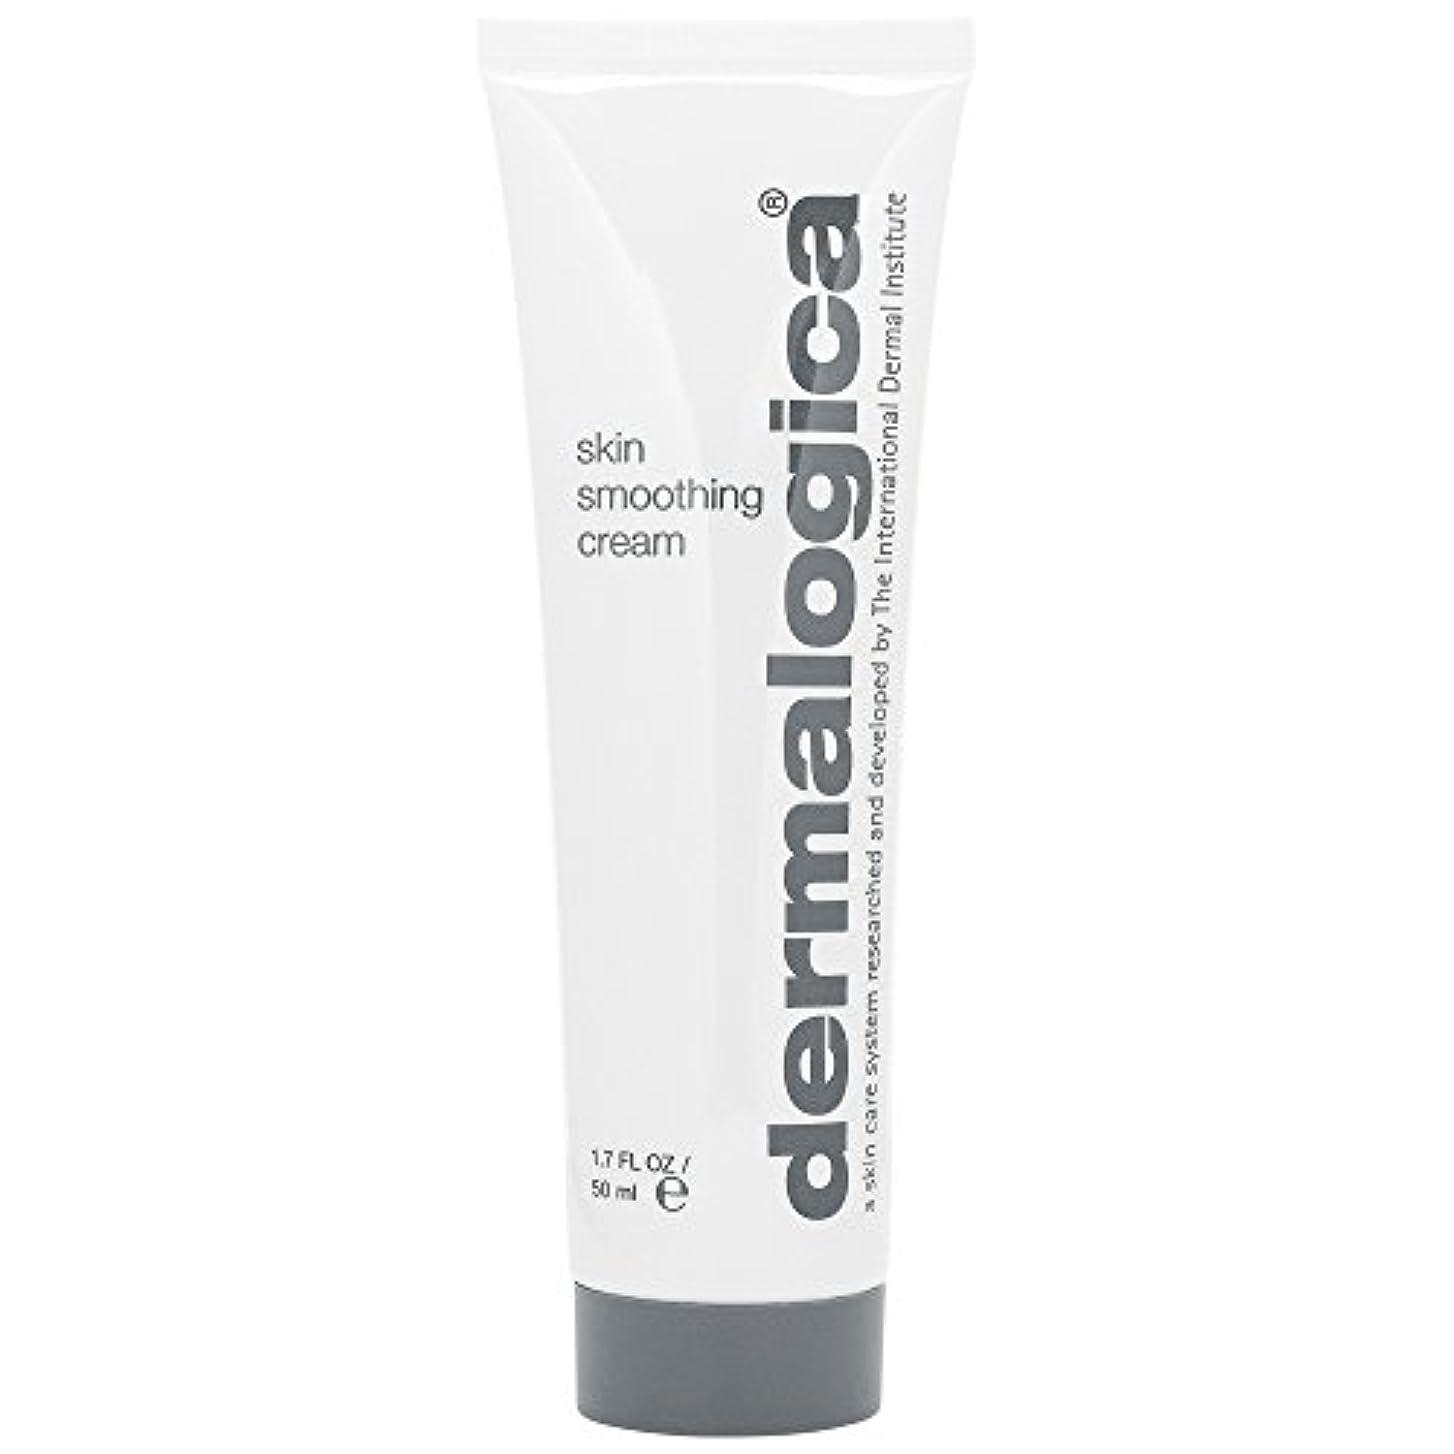 協同不正確しかしながらダーマロジカスキンスムージングクリーム50ミリリットル (Dermalogica) (x6) - Dermalogica Skin Smoothing Cream 50ml (Pack of 6) [並行輸入品]